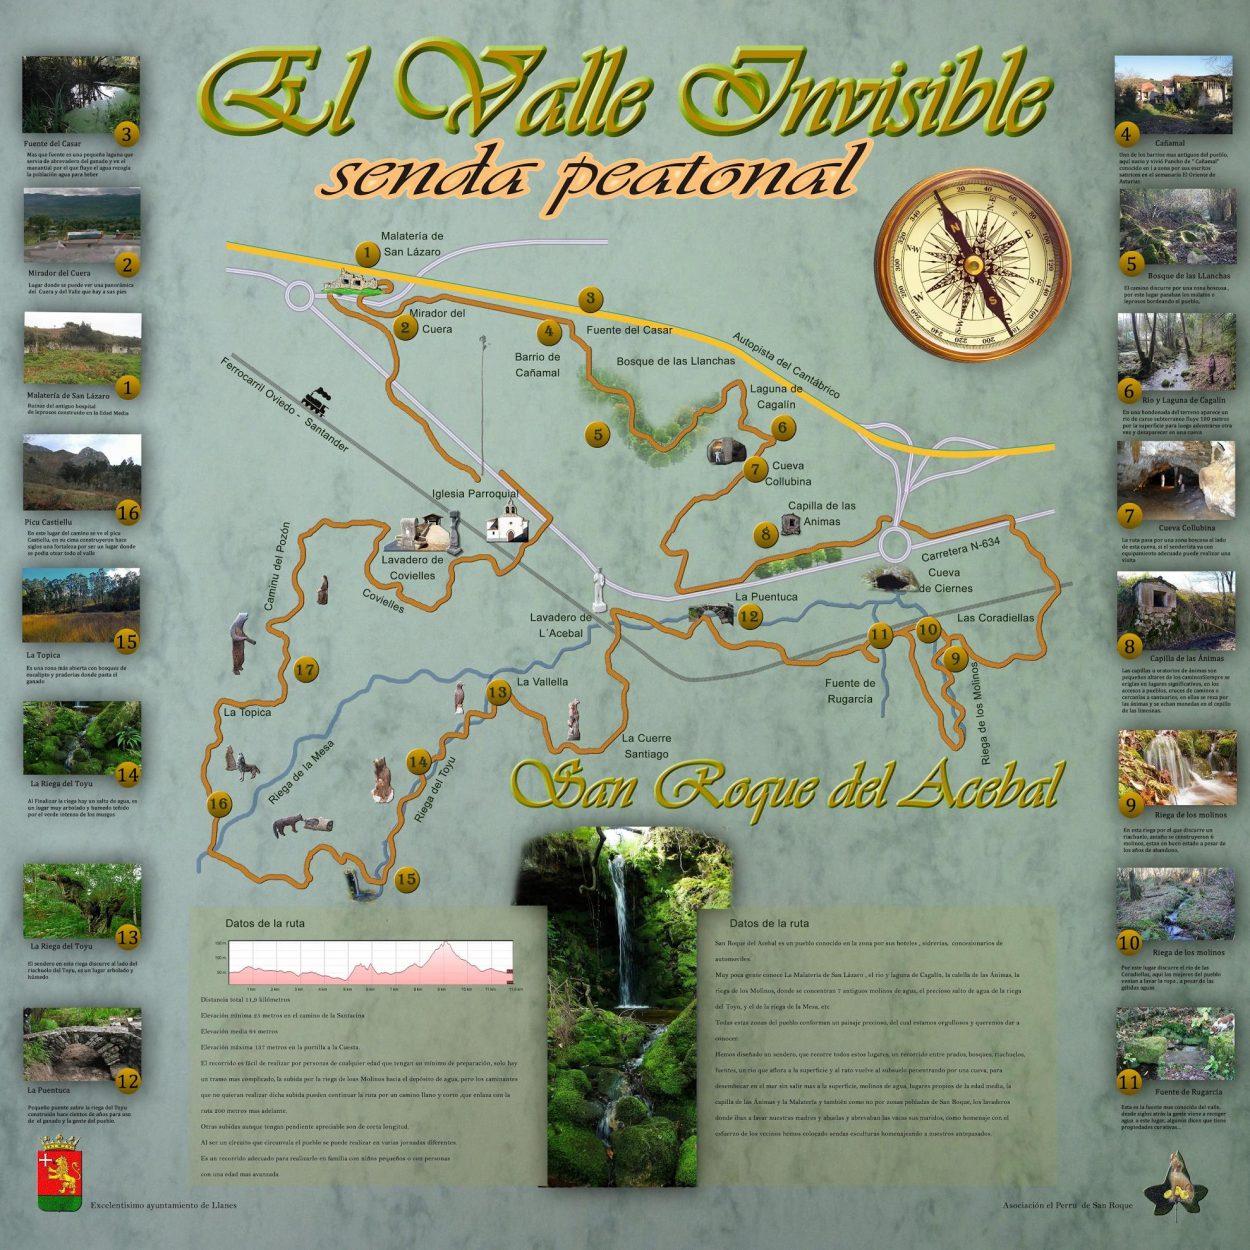 San Roque del Acebal inaugura el sábado su Senda del Valle Invisible